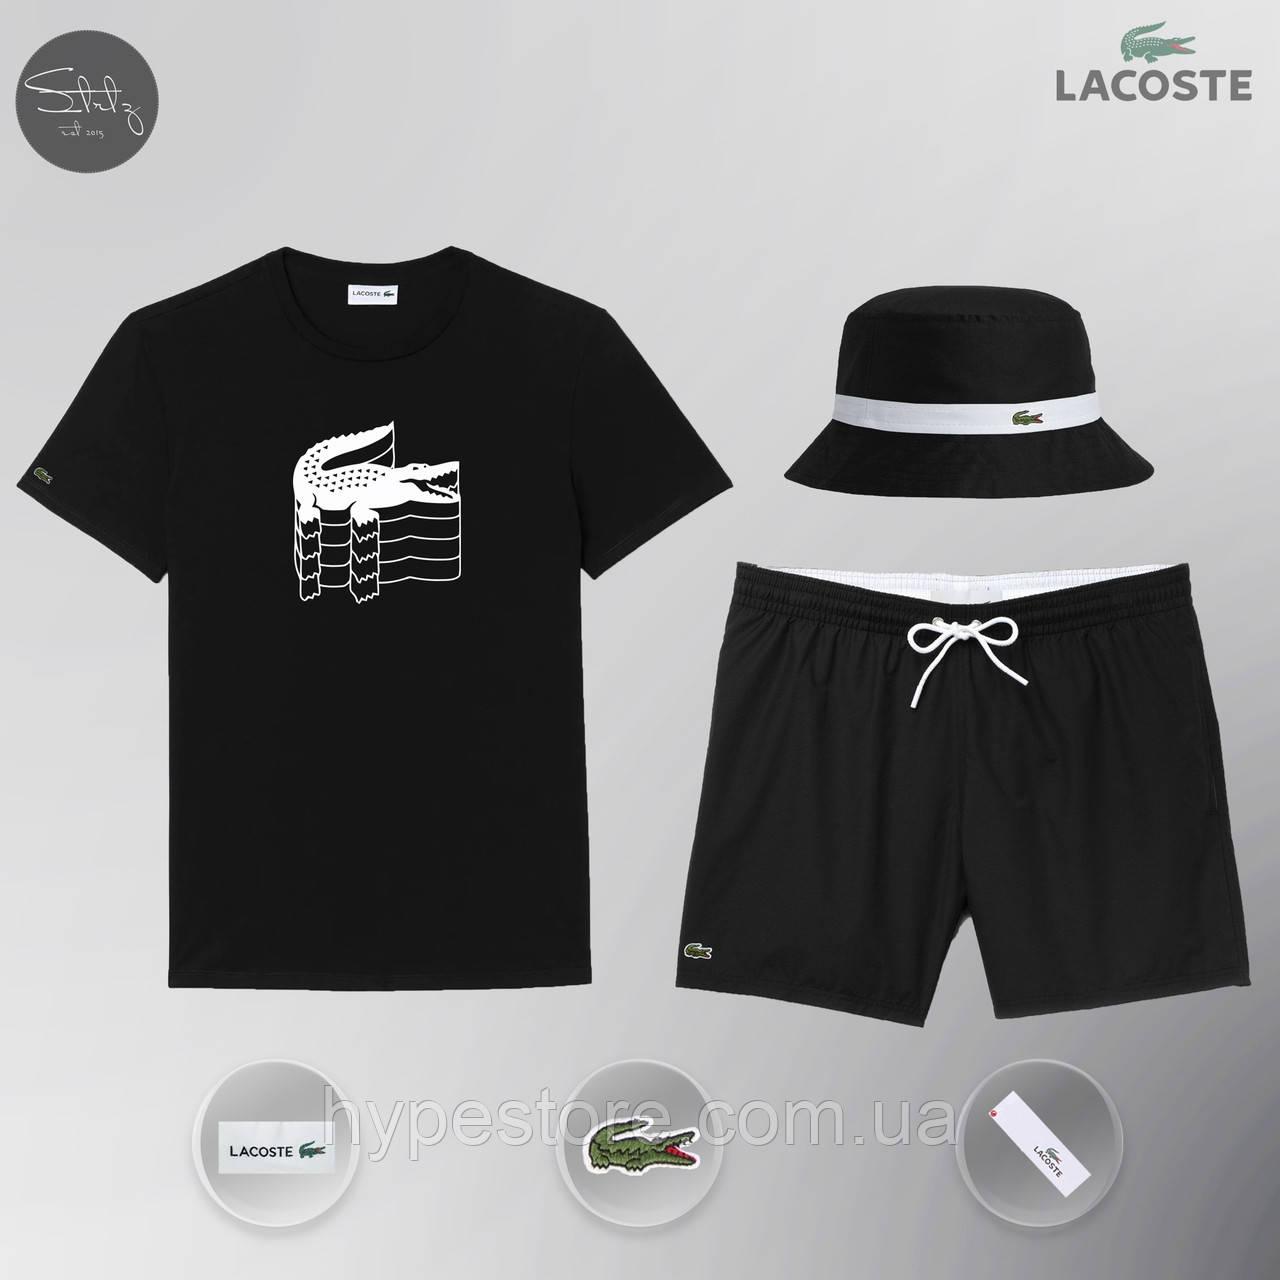 Мужской спортивный костюм лето, пляжный комплект Lacoste Flesh, шорты+футболка, панама, ТОП-Реплика (черный)